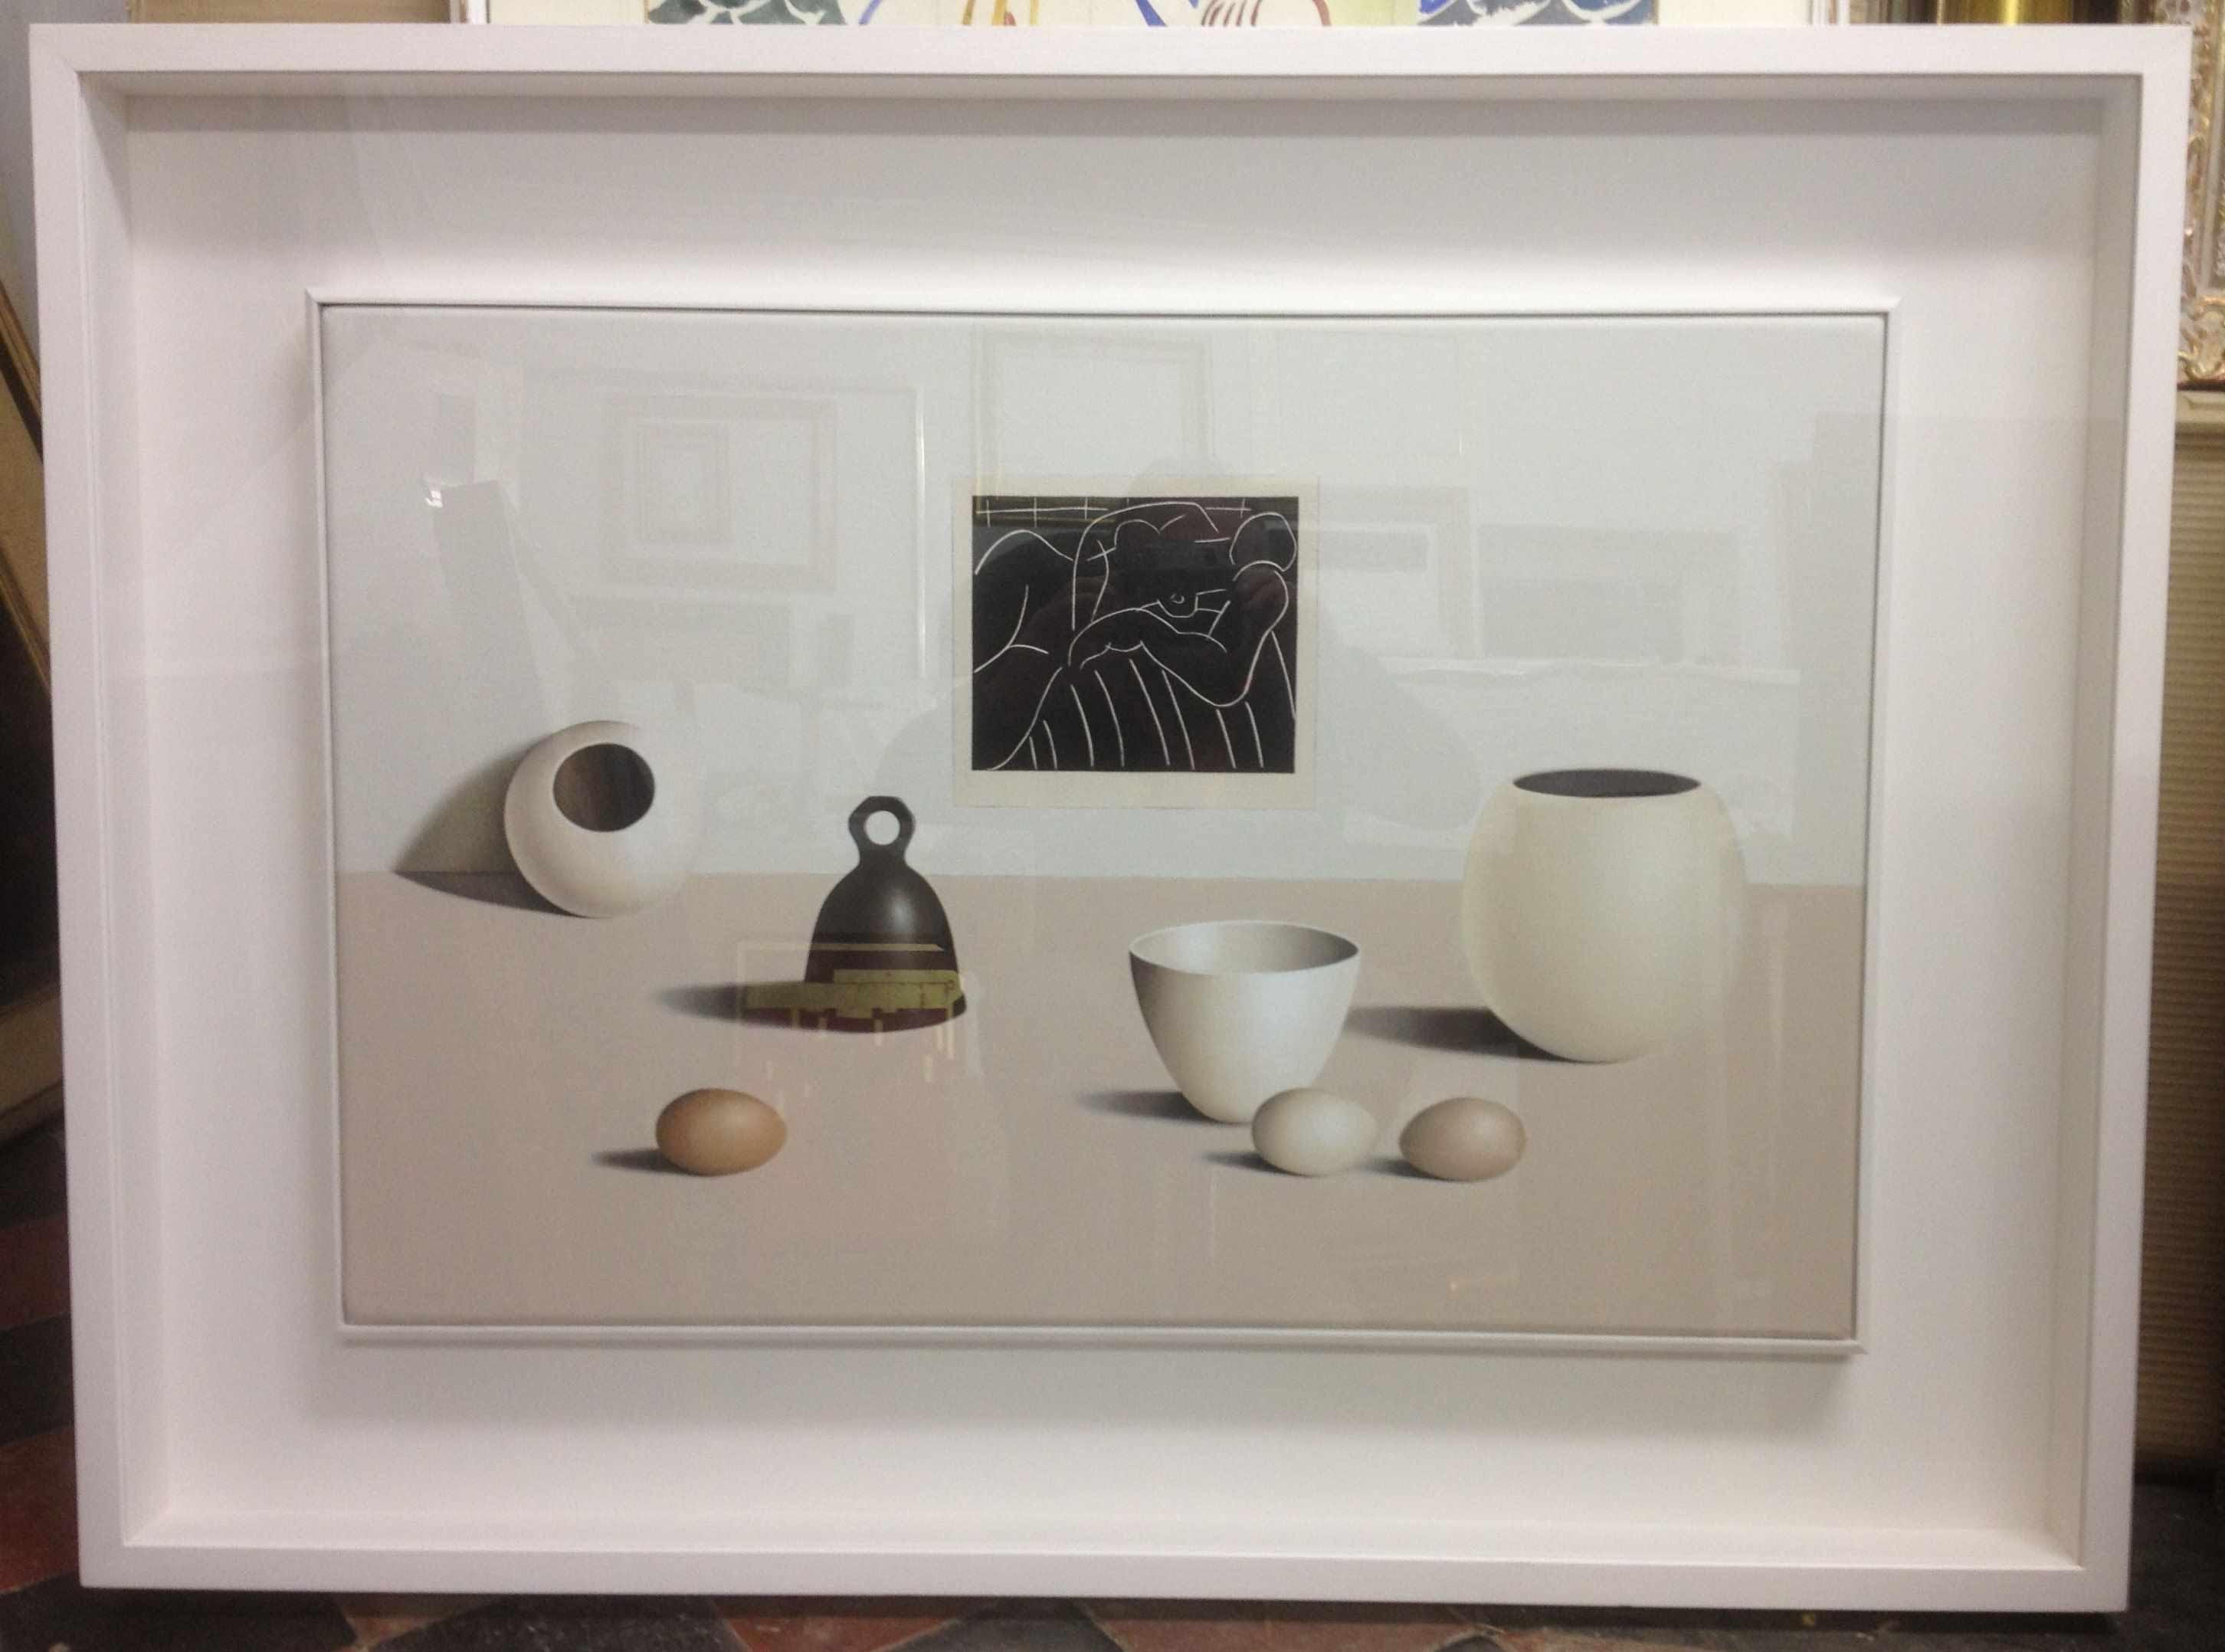 Picture Framing Dublin Liam Slattery